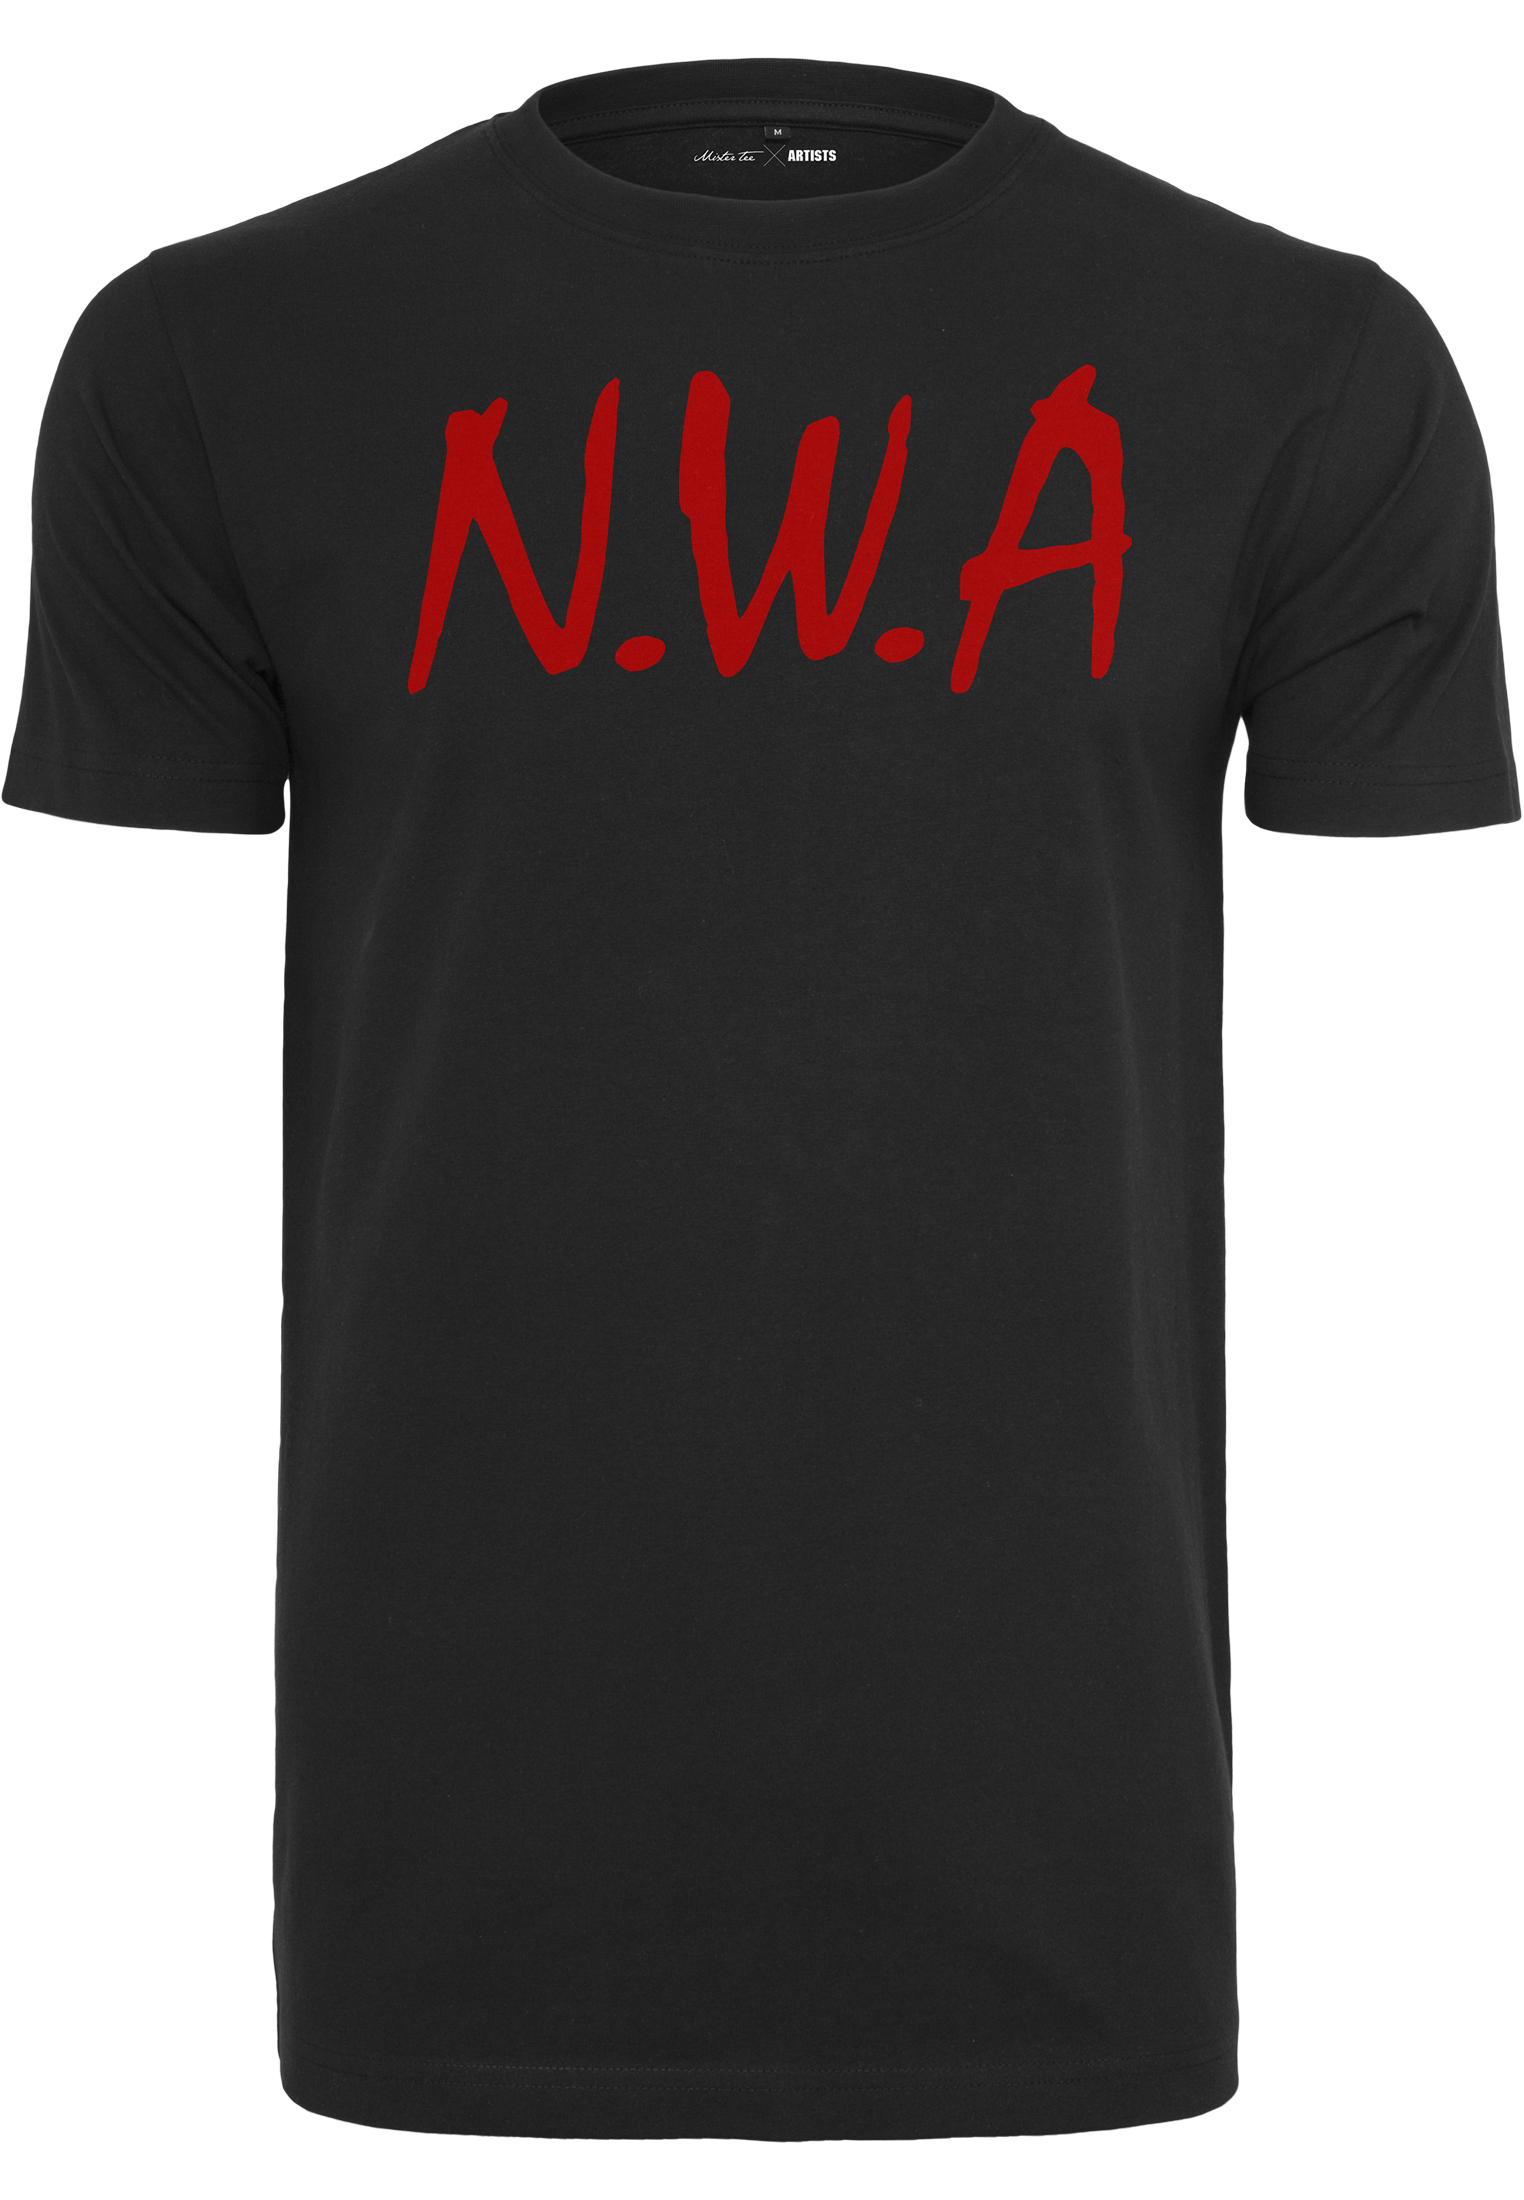 N.W.A t-shirt